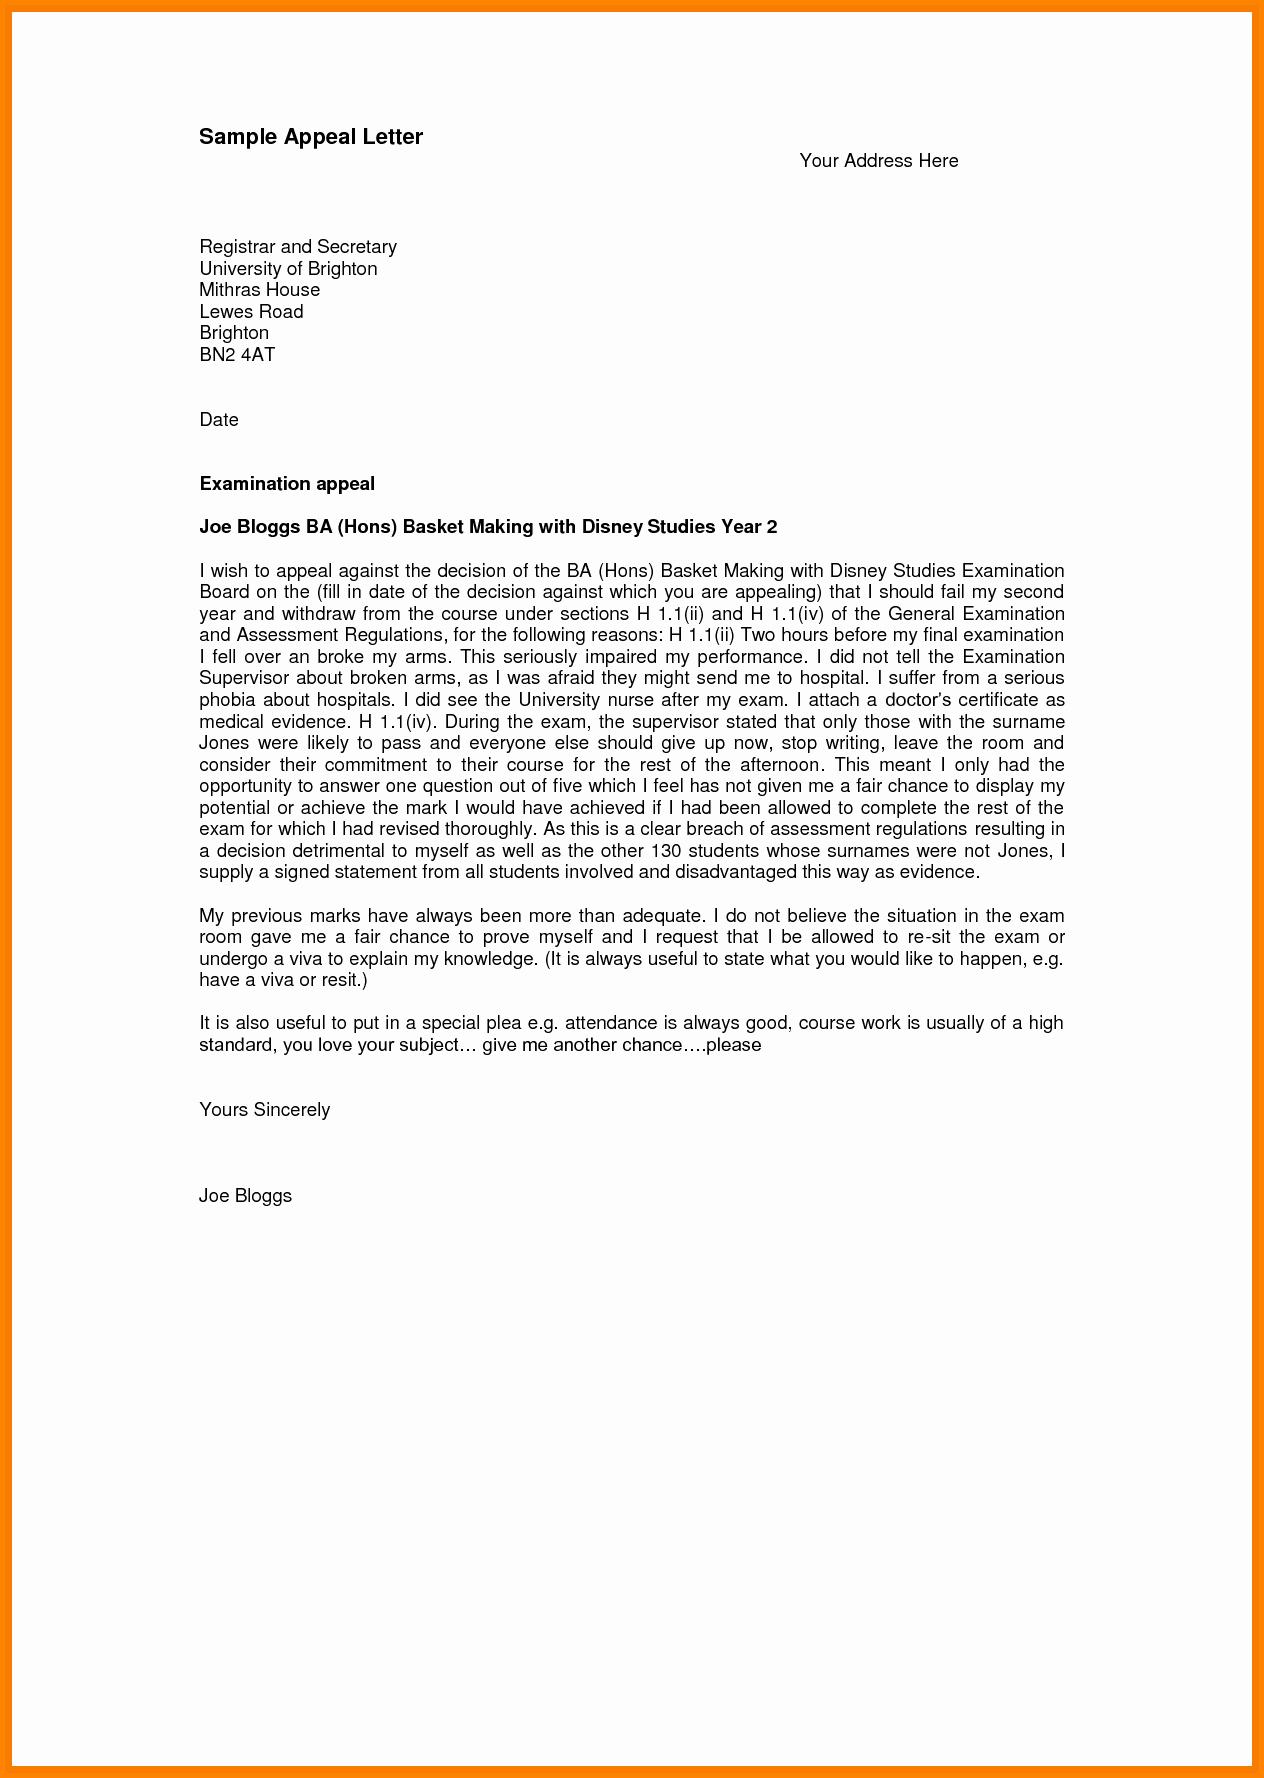 Sap Appeal Letter Unique 12 Sap Appeal Letter Template